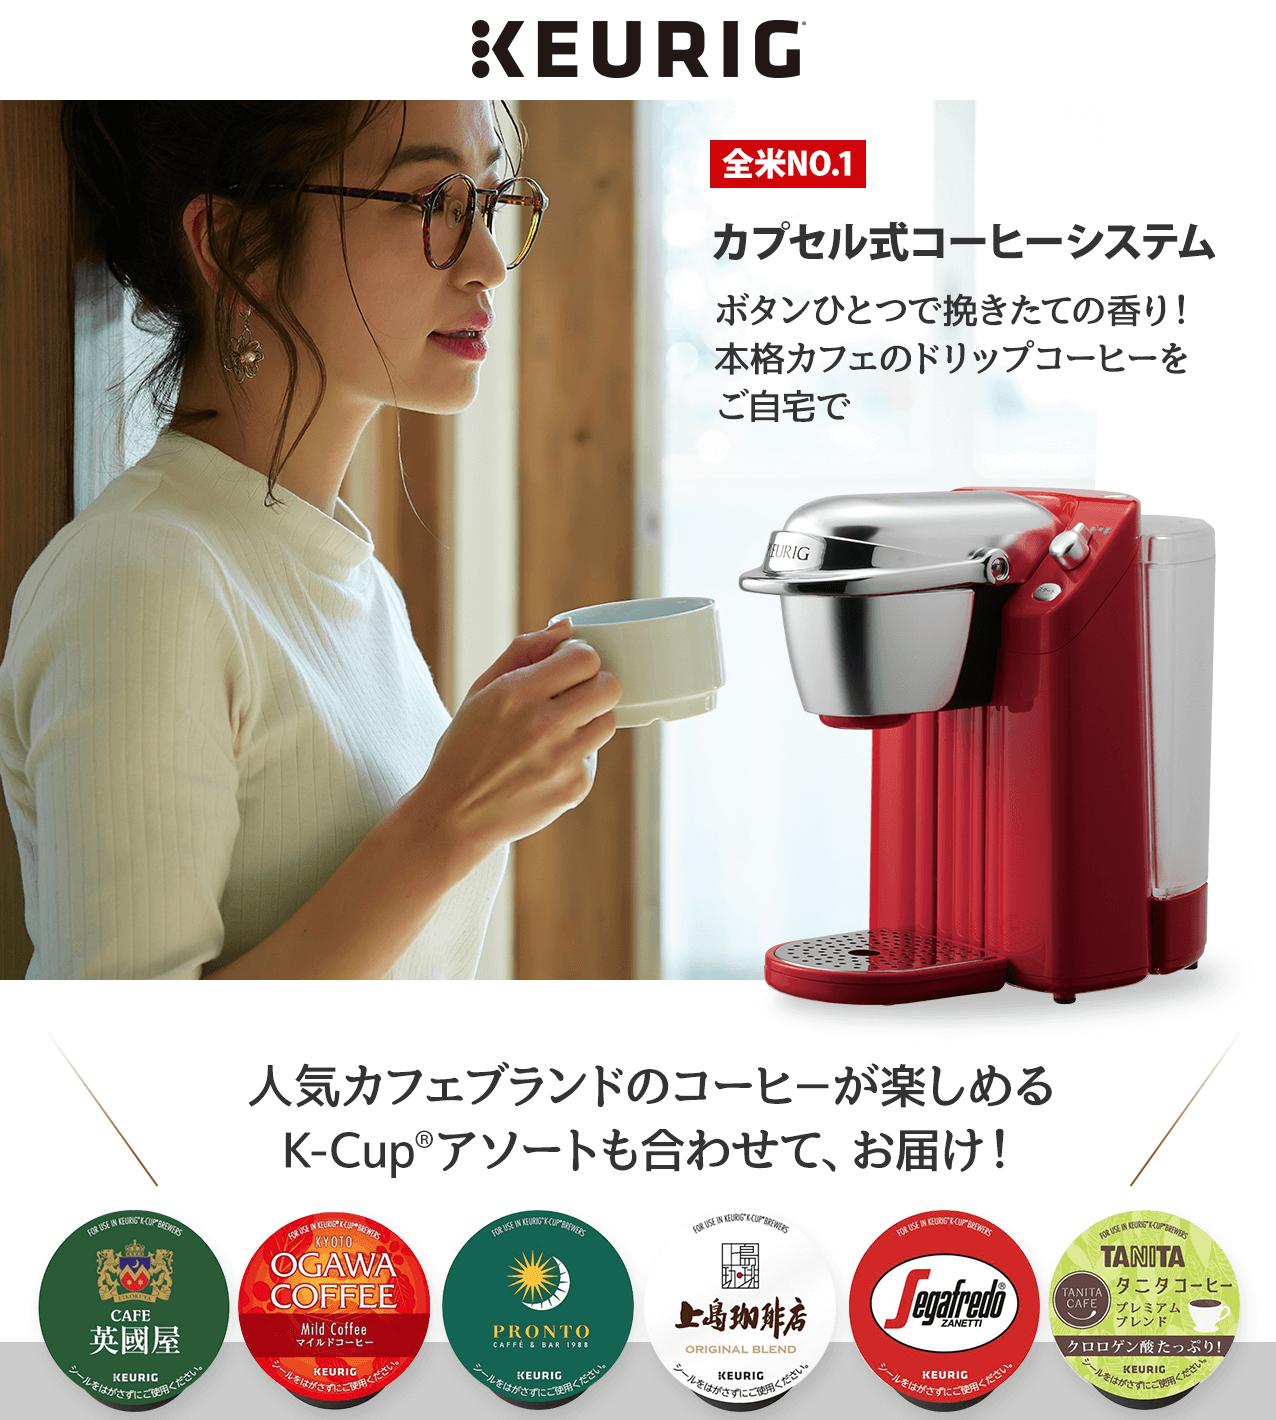 全米NO.1 カプセル式コーヒーシステム ボタンひとつで挽きたての香り!本格カフェのドリップコーヒーをご自宅で